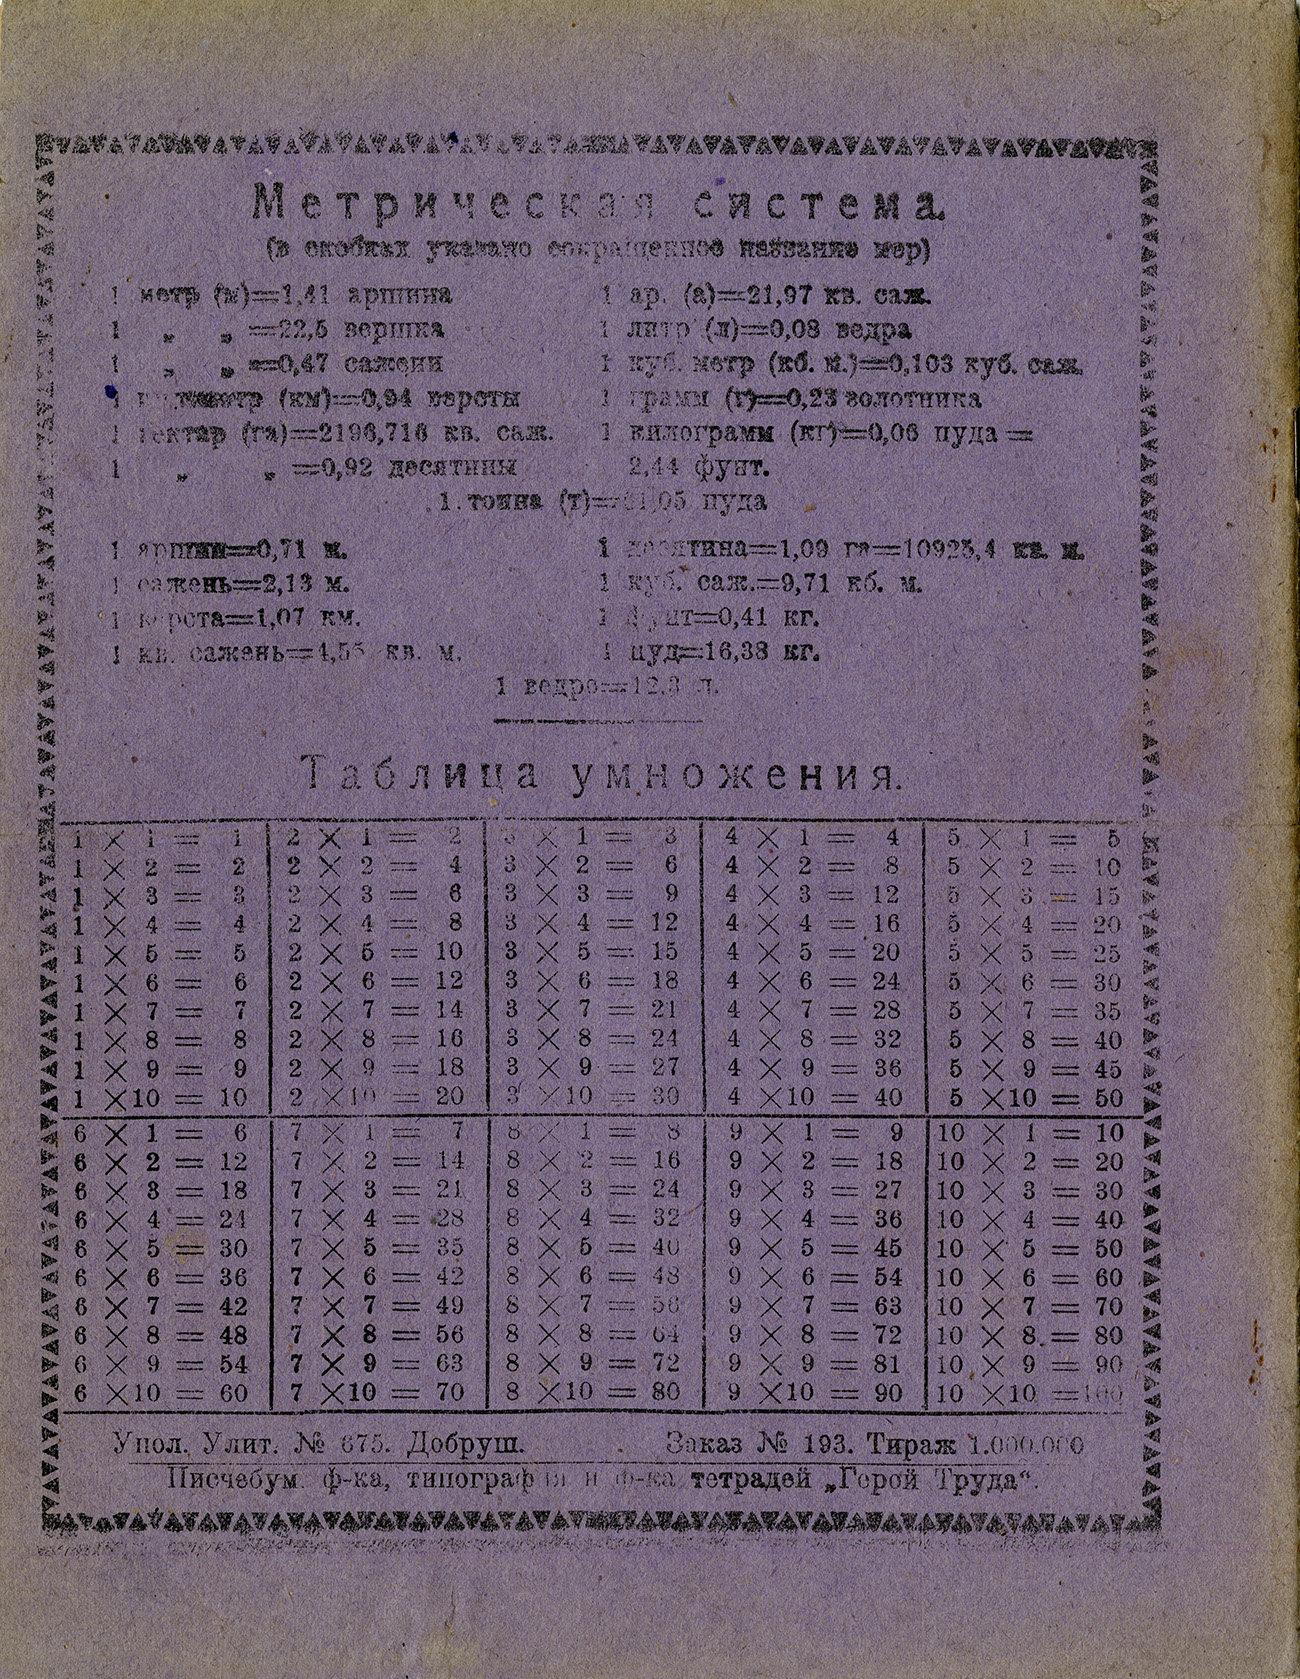 Тетрадь Ленин, 1928, Герой труда, оборот